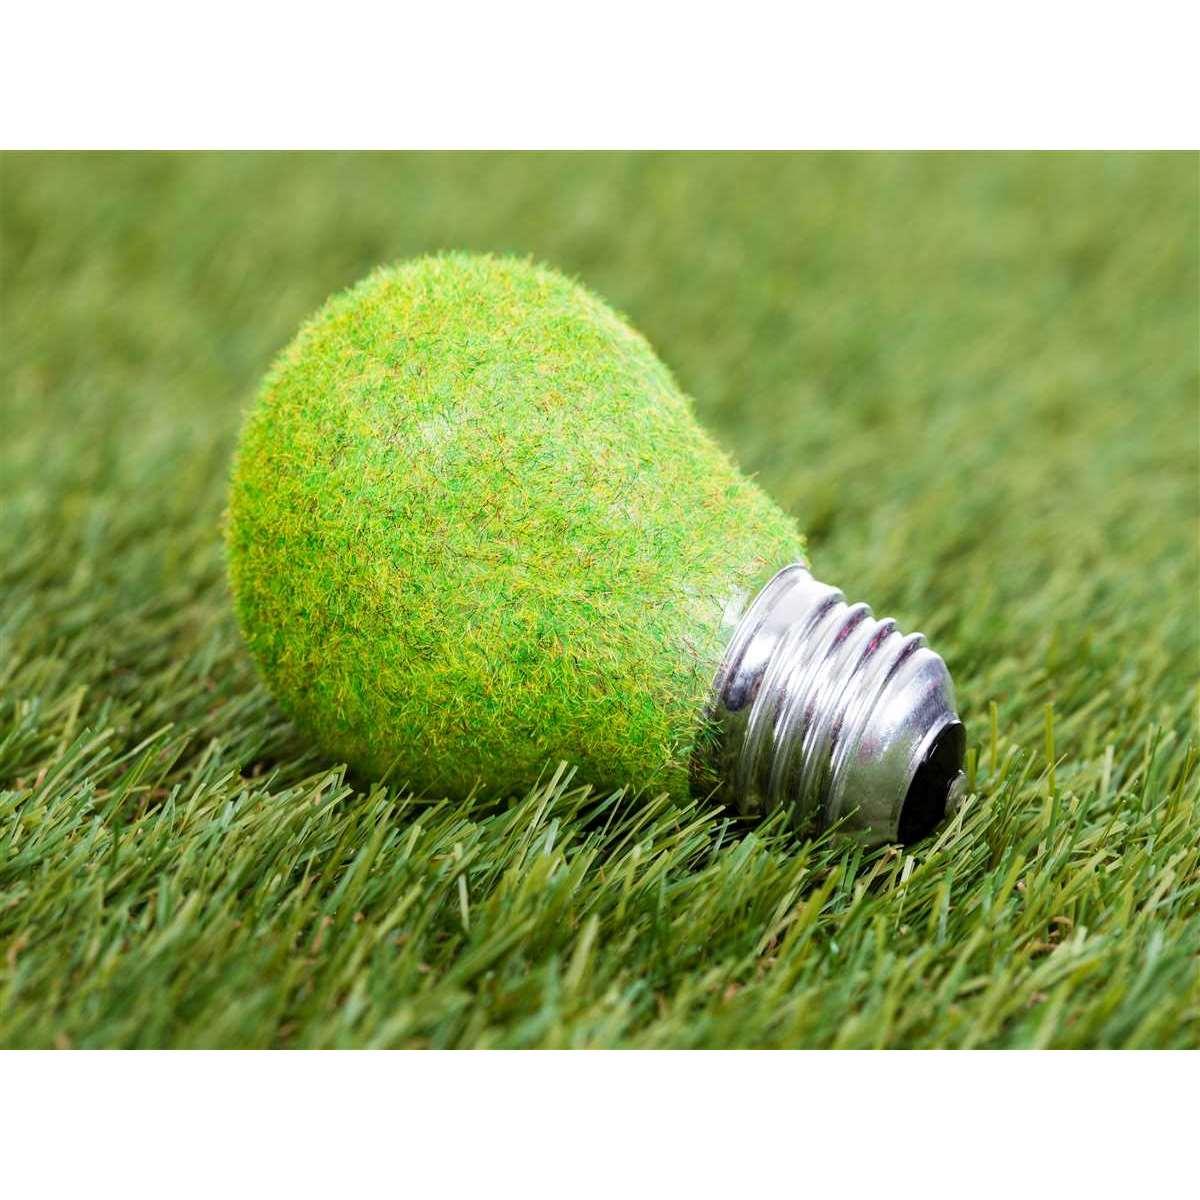 Legge Bonus Verde 2018 il nuovo bonus verde per giardini ed aree esterne | notai.it